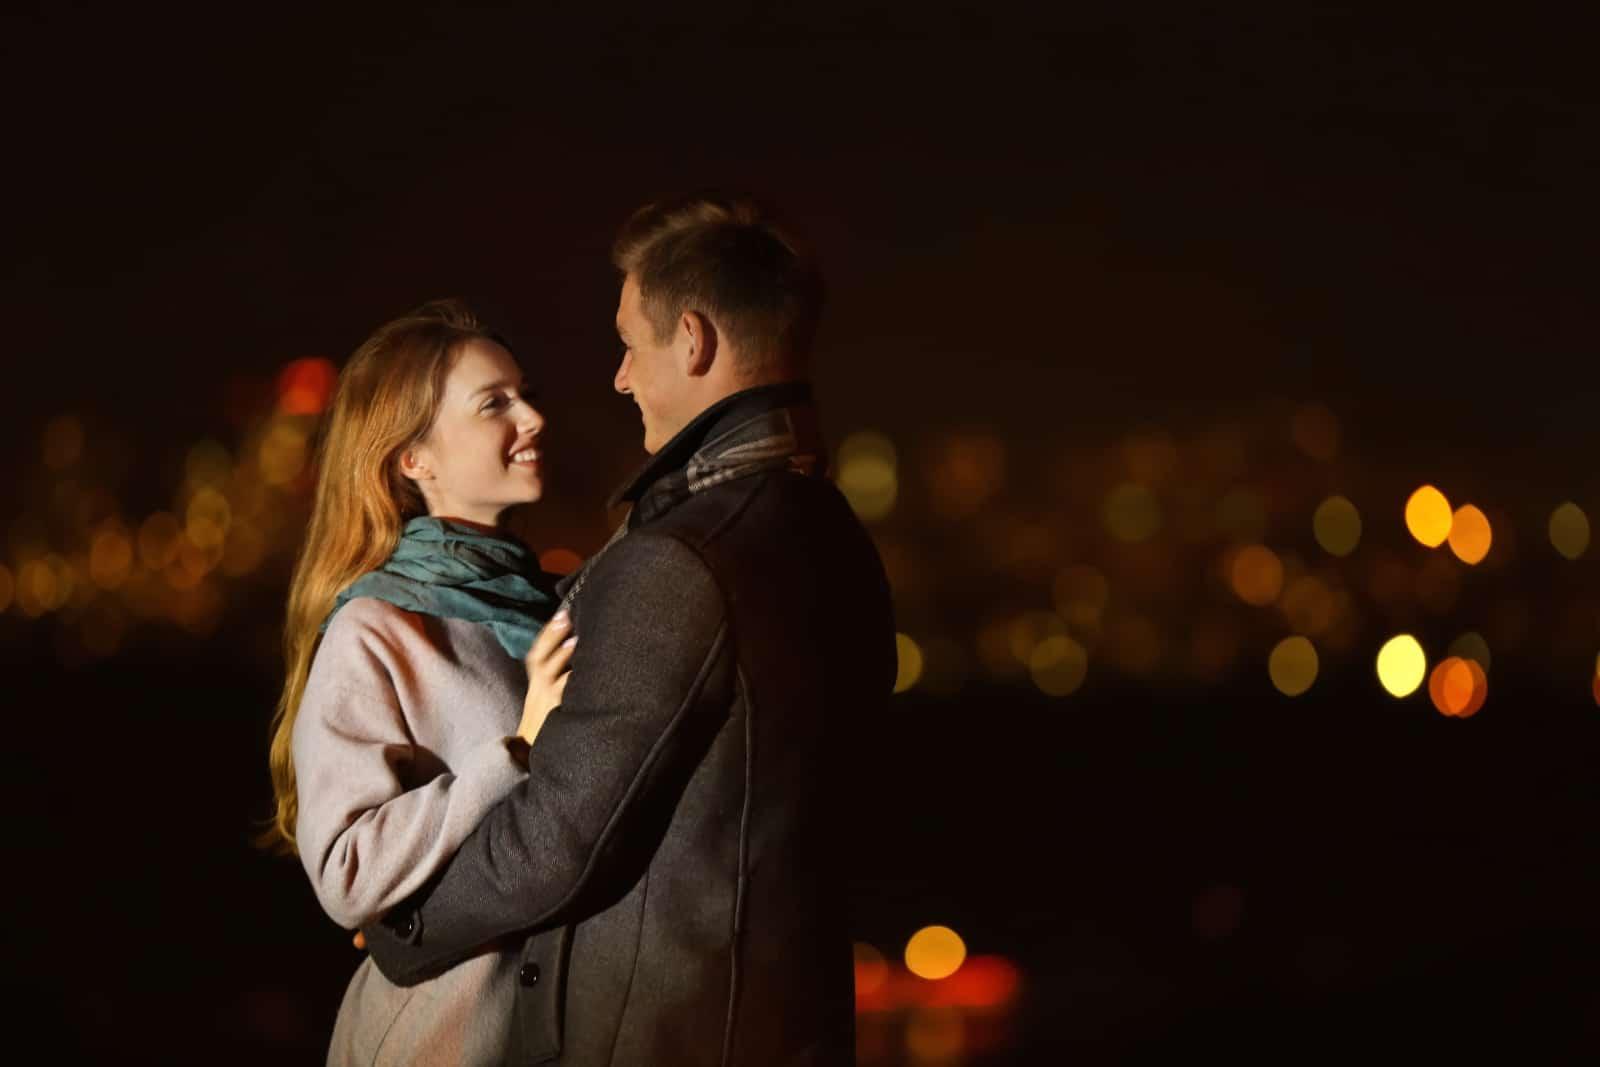 ein romantisches junges Paar, das sich nachts umarmt